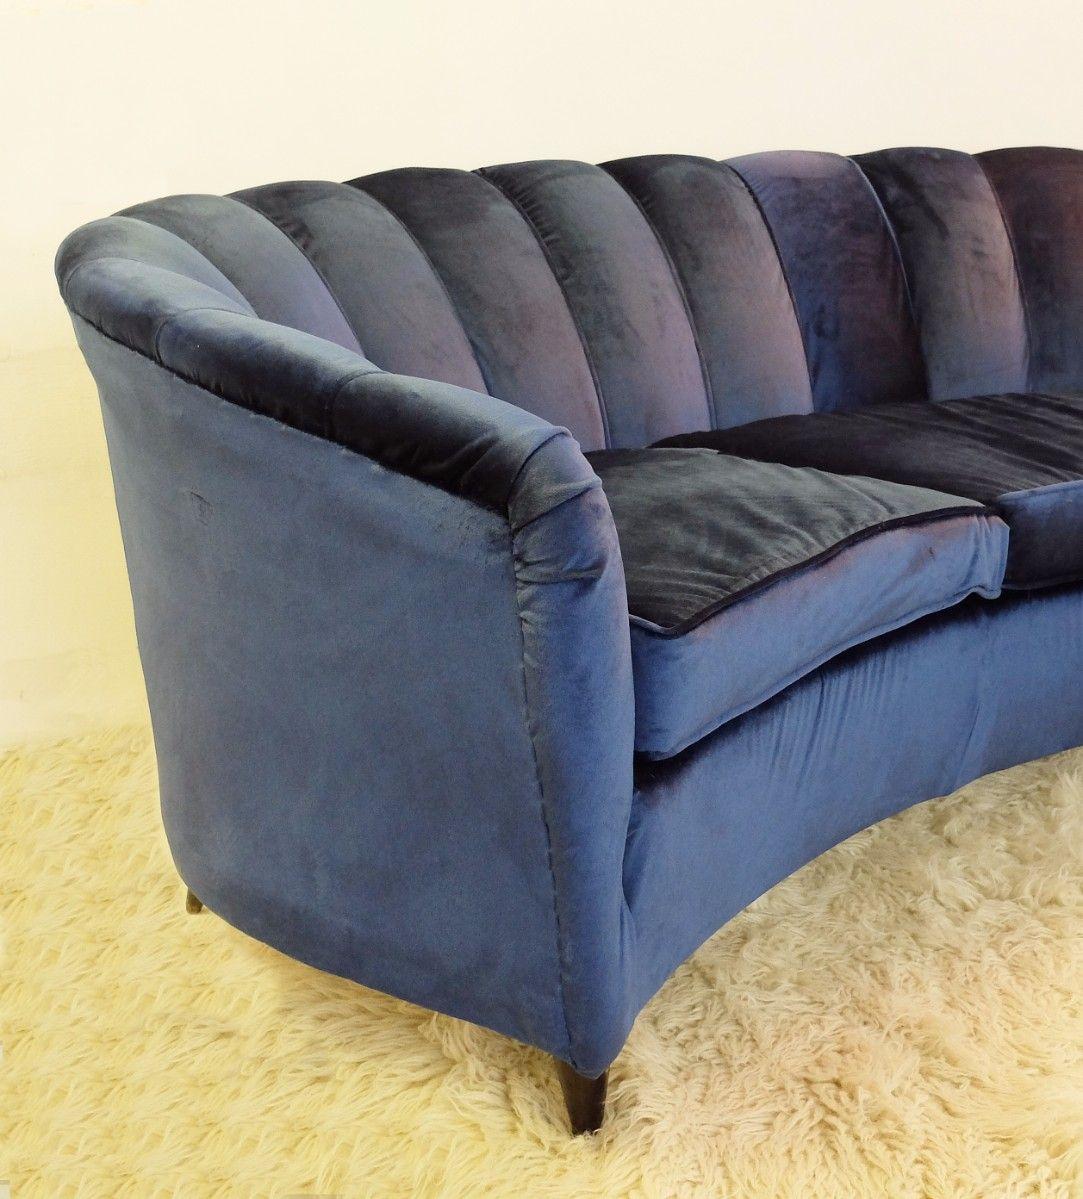 gro es italienisches vintage sofa bei pamono kaufen. Black Bedroom Furniture Sets. Home Design Ideas